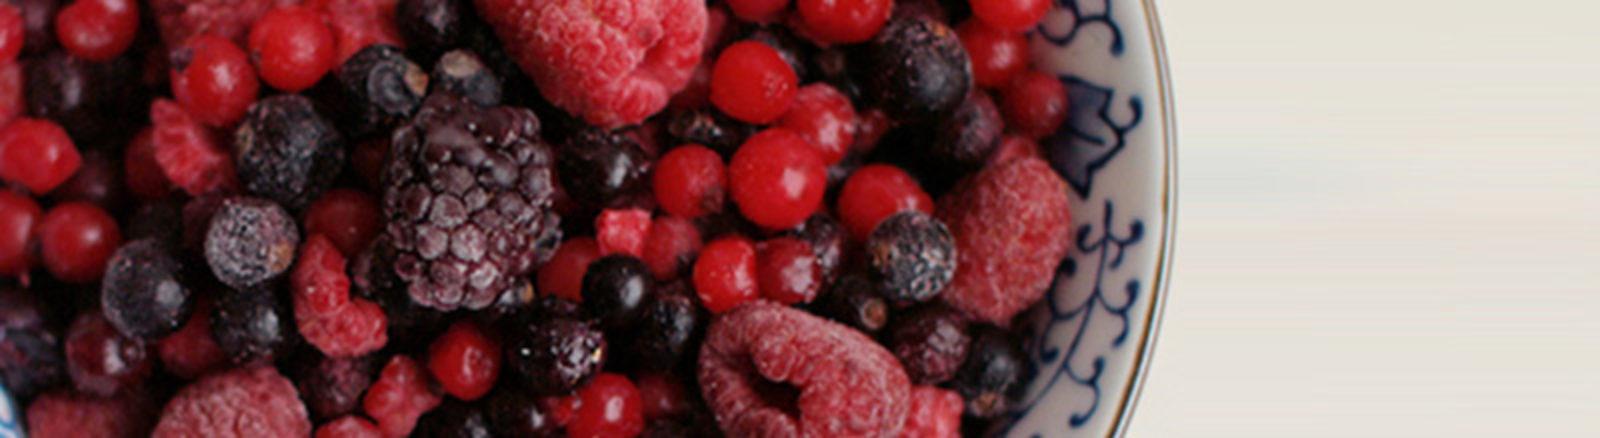 Berries Mr